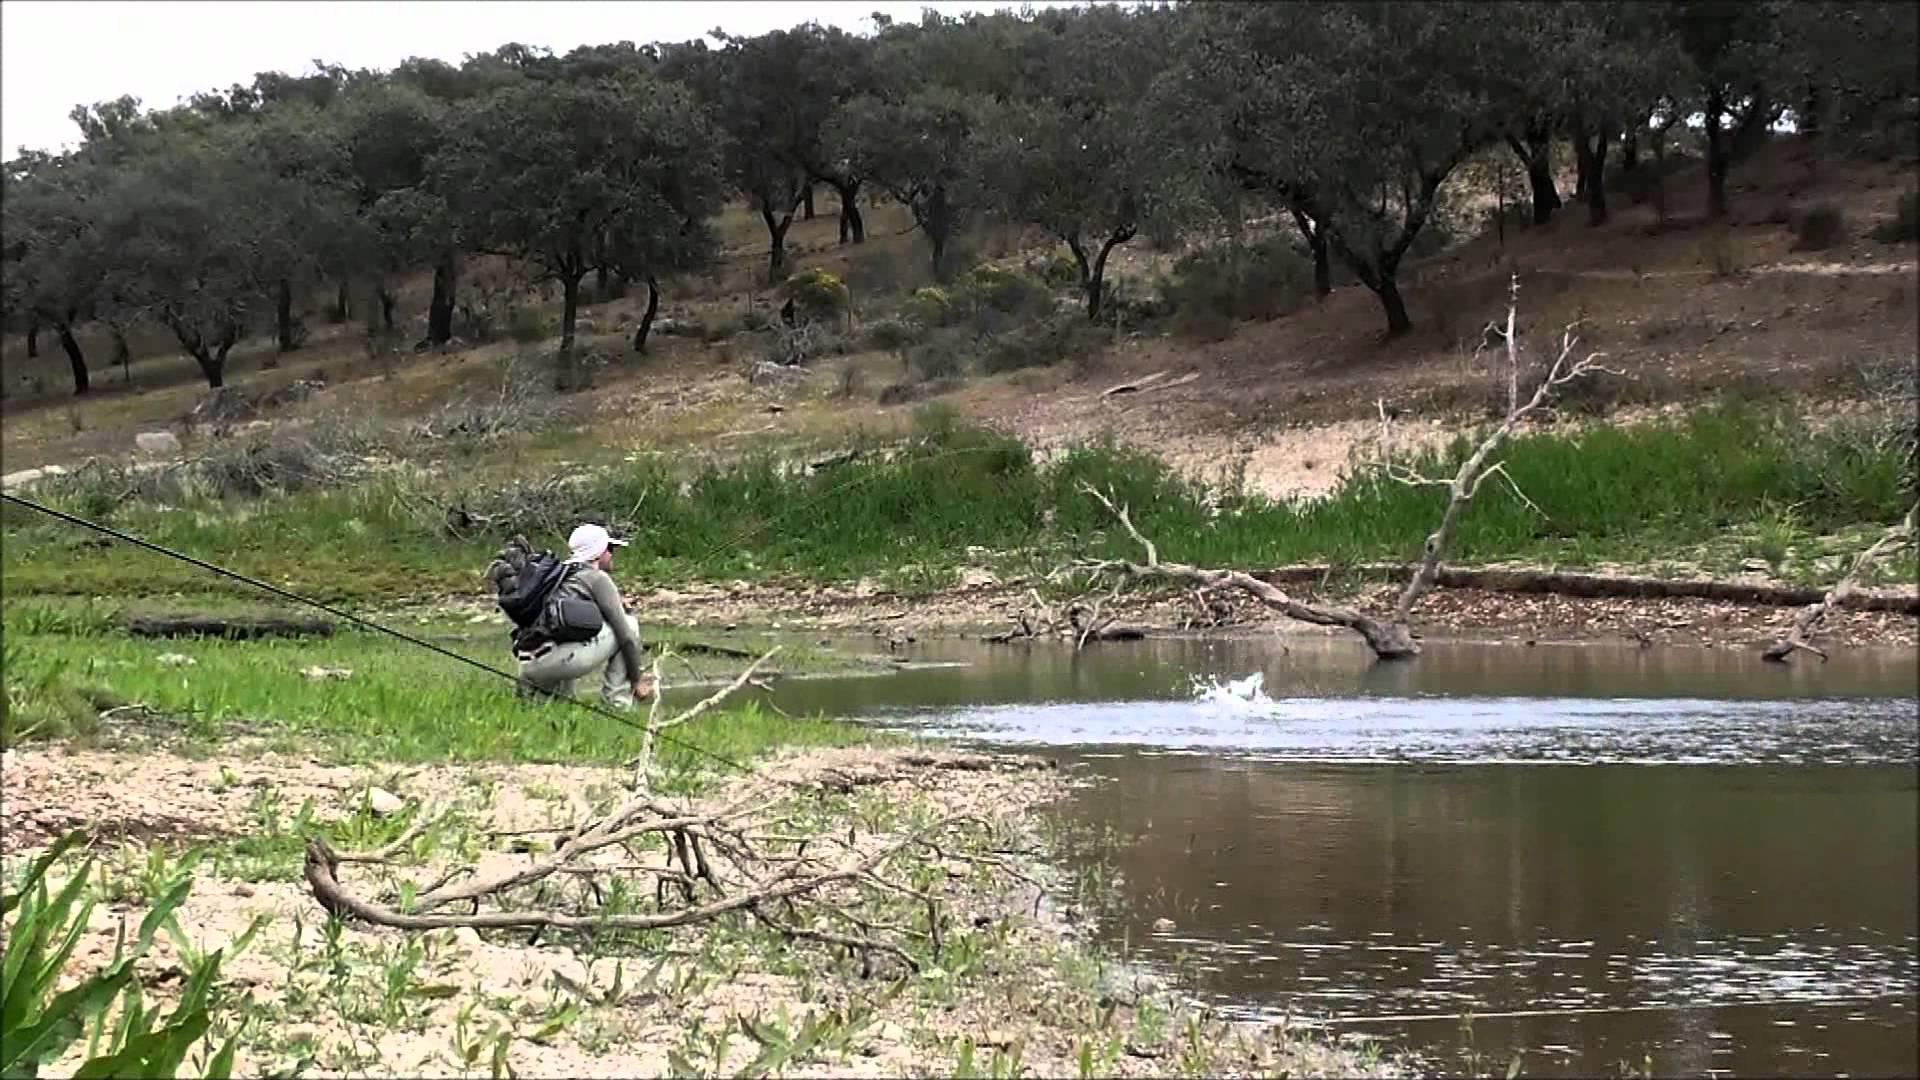 Sitios dónde pescar en Badajoz - Noticias Nauticpedia